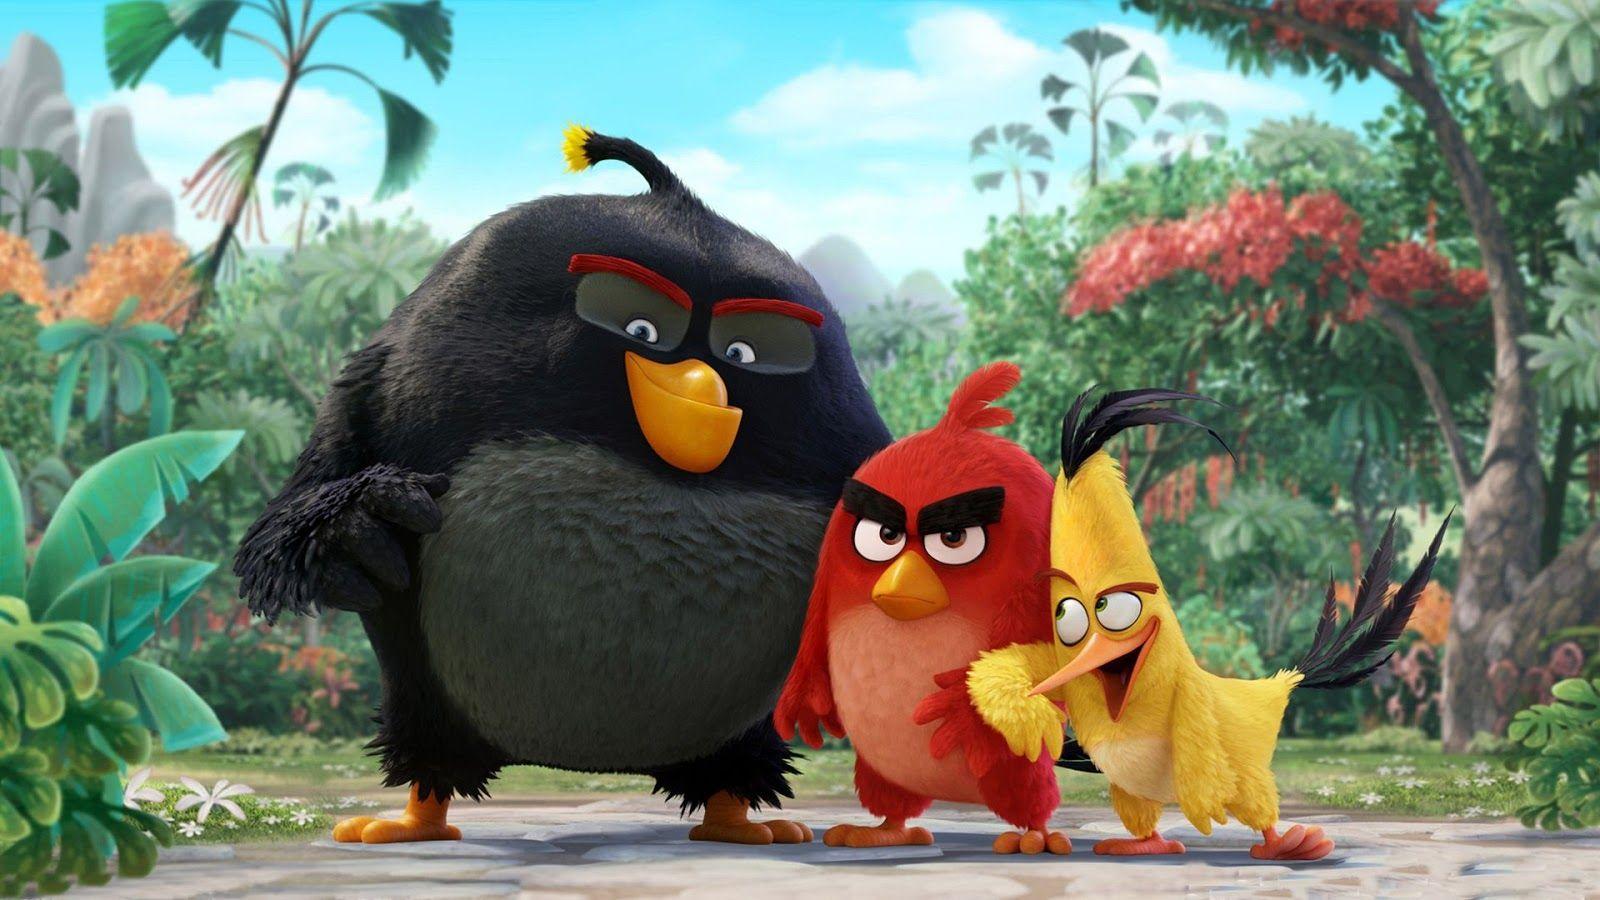 Angry Birds Movie Image 1